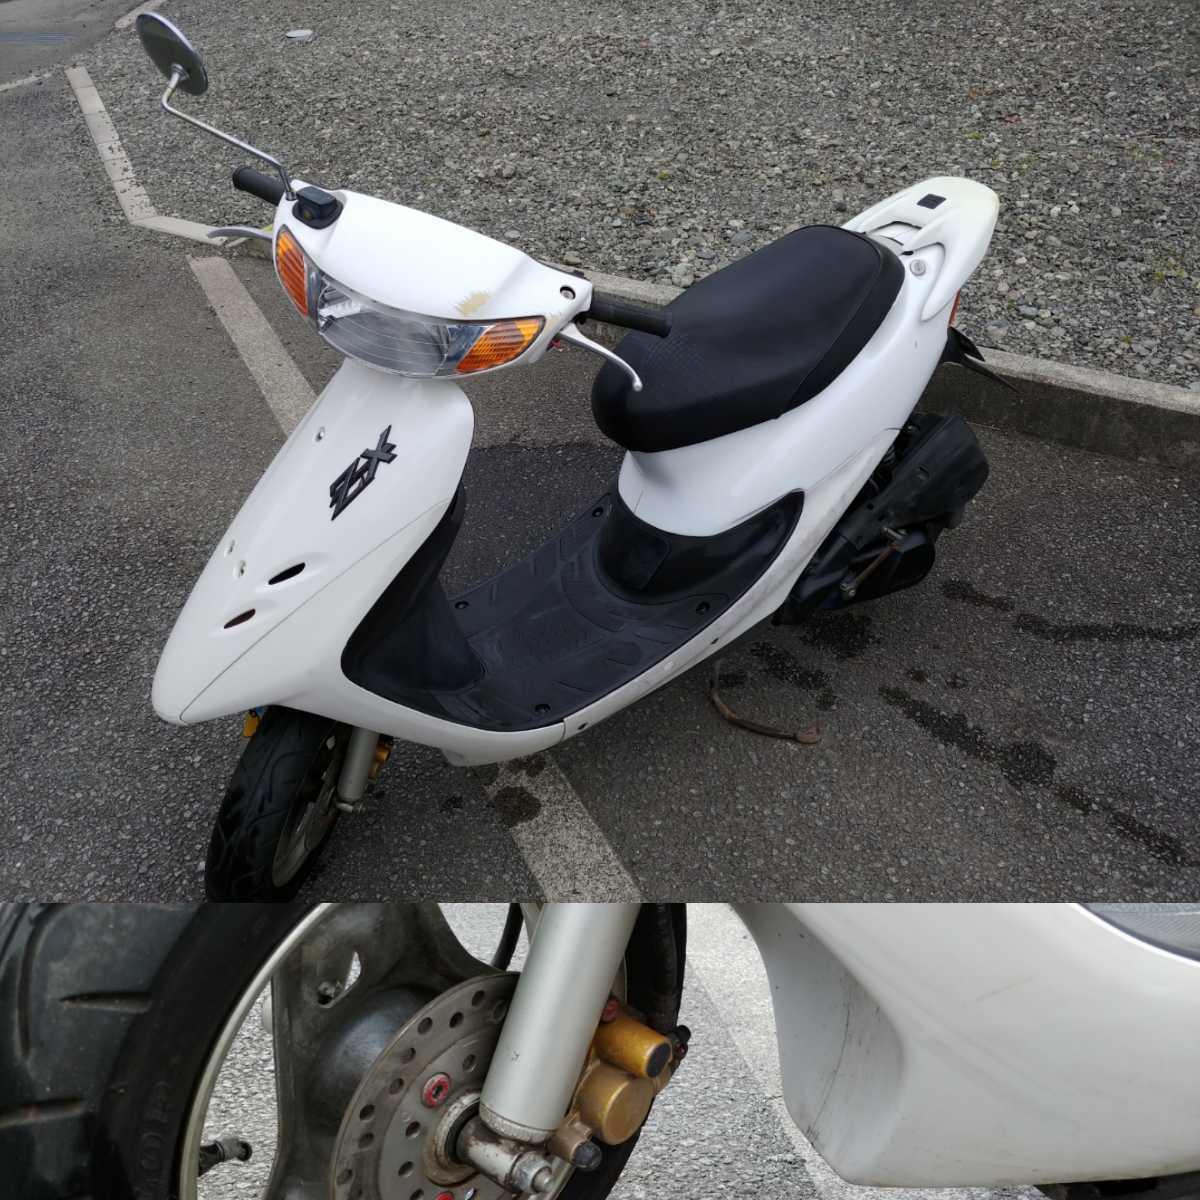 「【おまけ付最終】旧車 絶版 当時 人気車種HONDAライブディオSR 原付バイク50cc AF35 コア2スト 規制前後期 動画有 バッテリー新品」の画像1